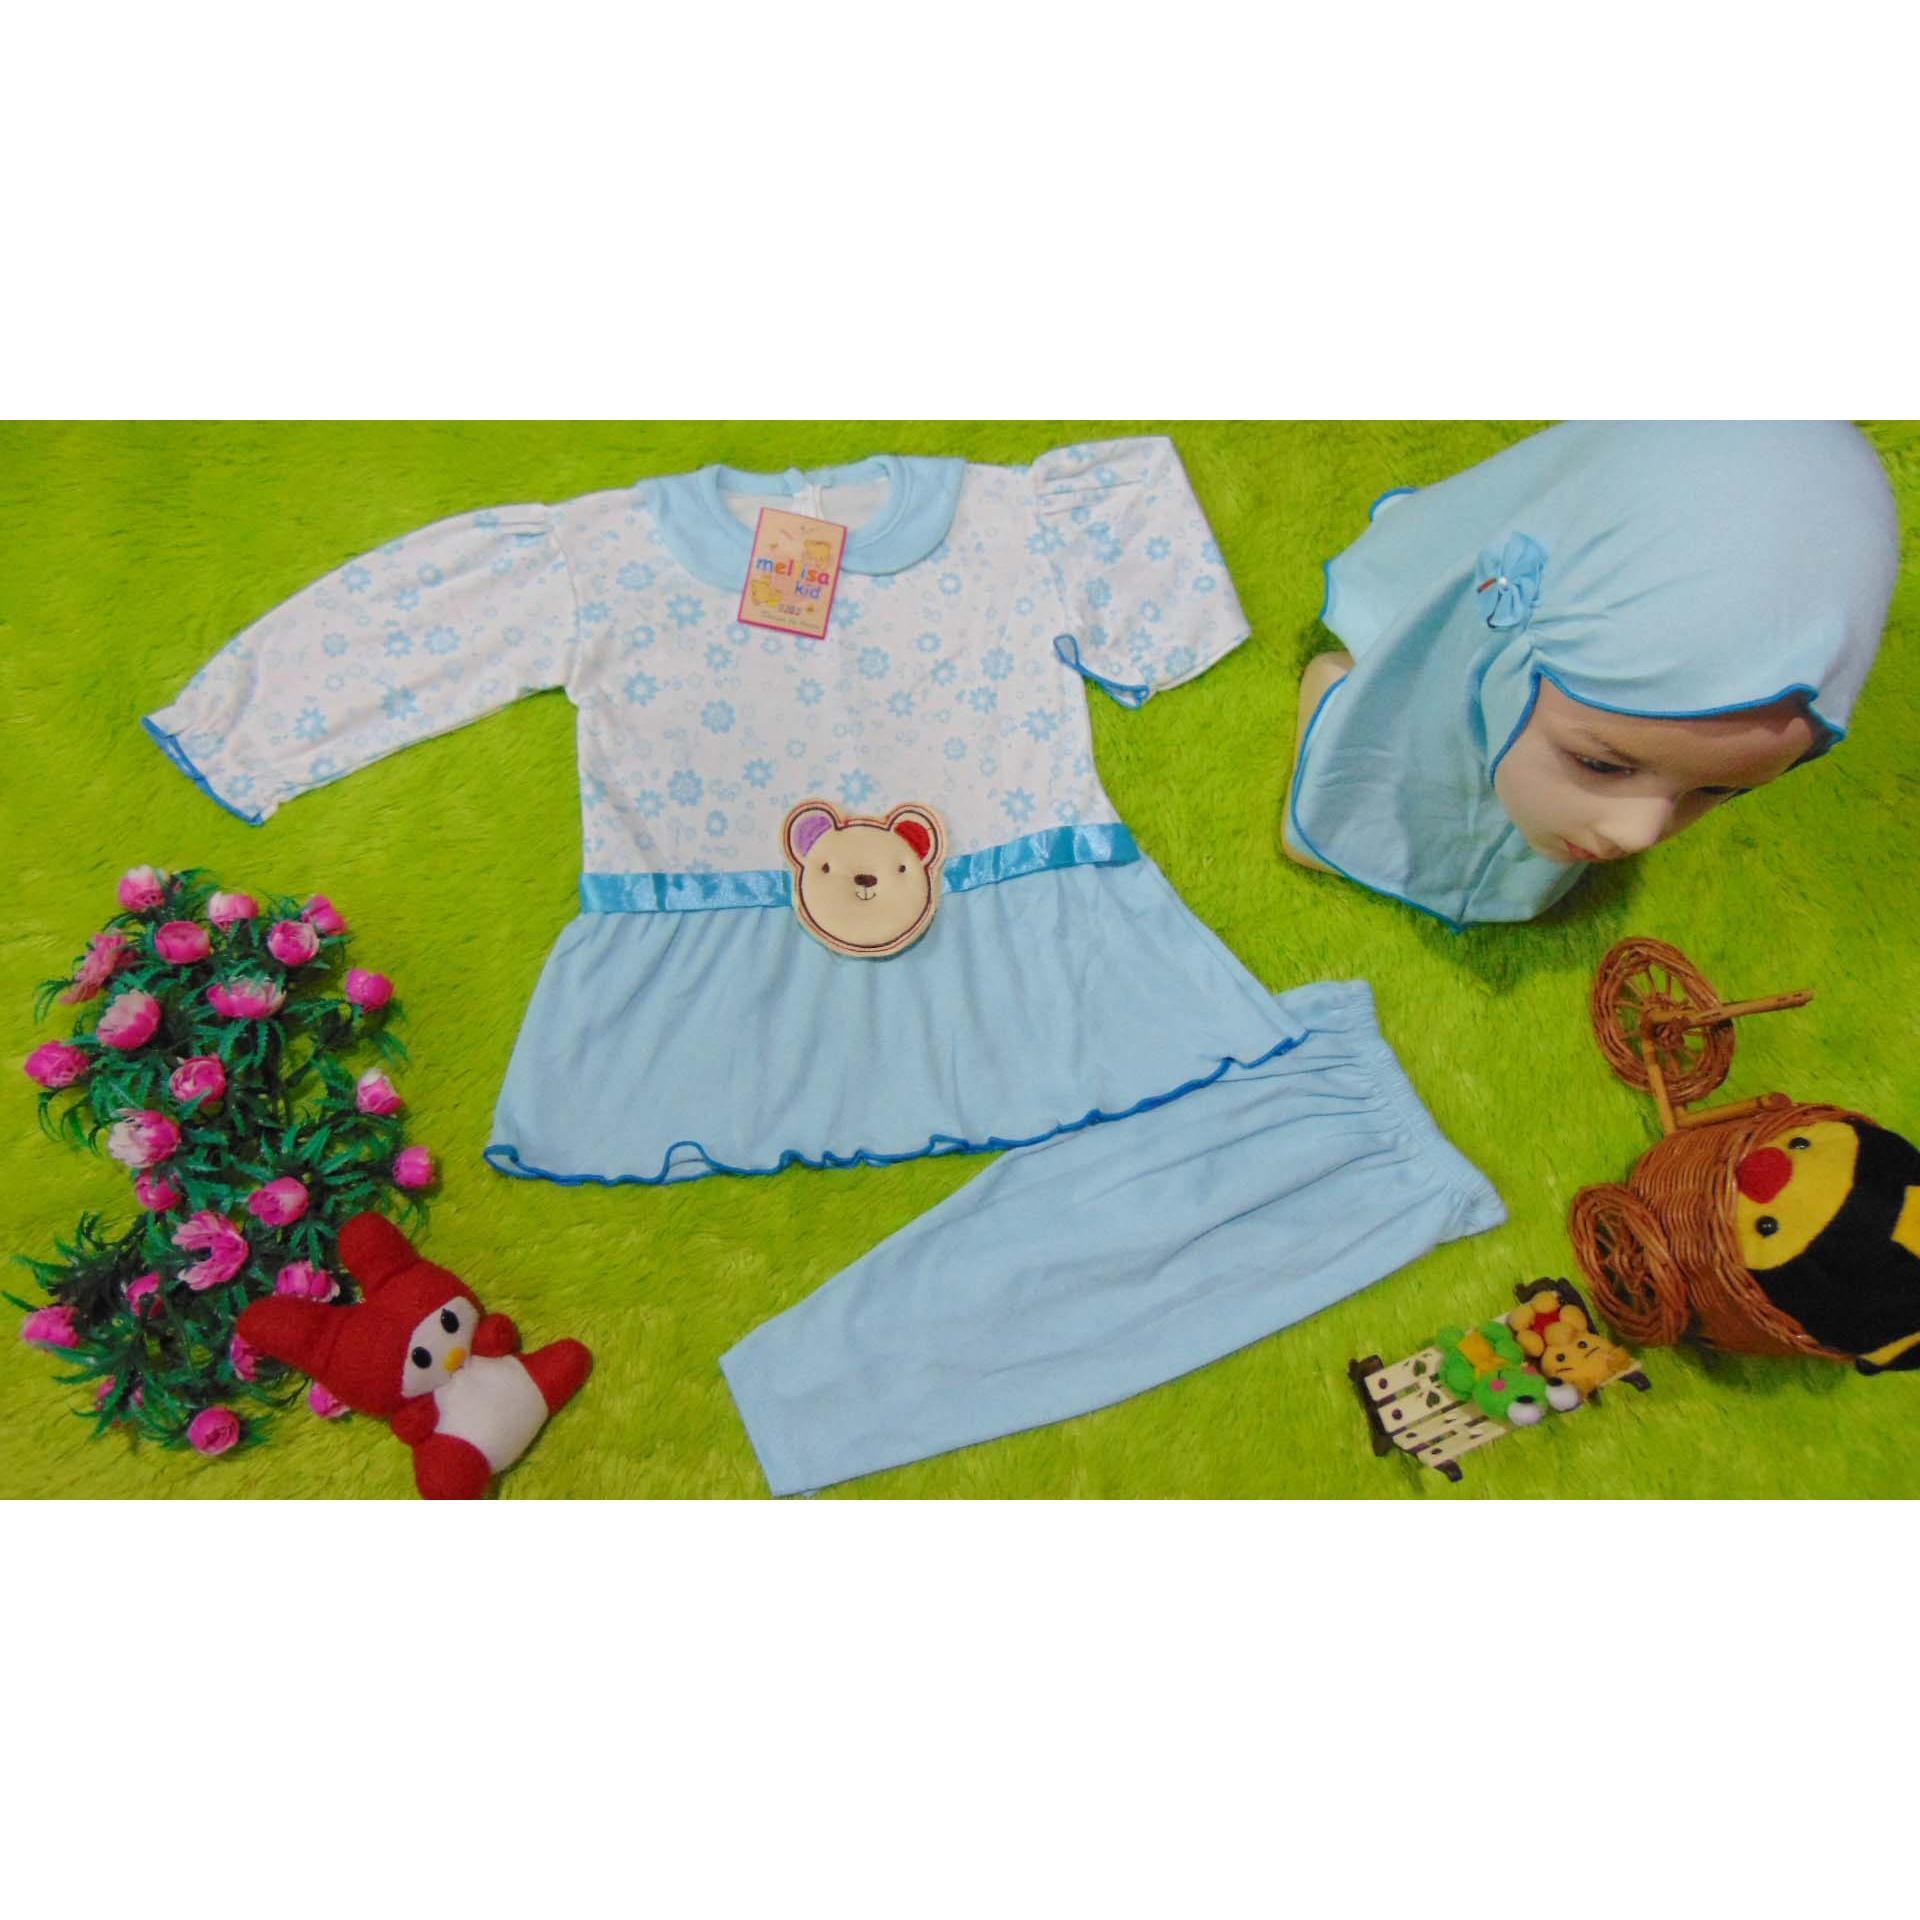 kembarshop - PLUS HIJAB setelan baju muslim anak gamis bayi 0-12bulan biru motif random